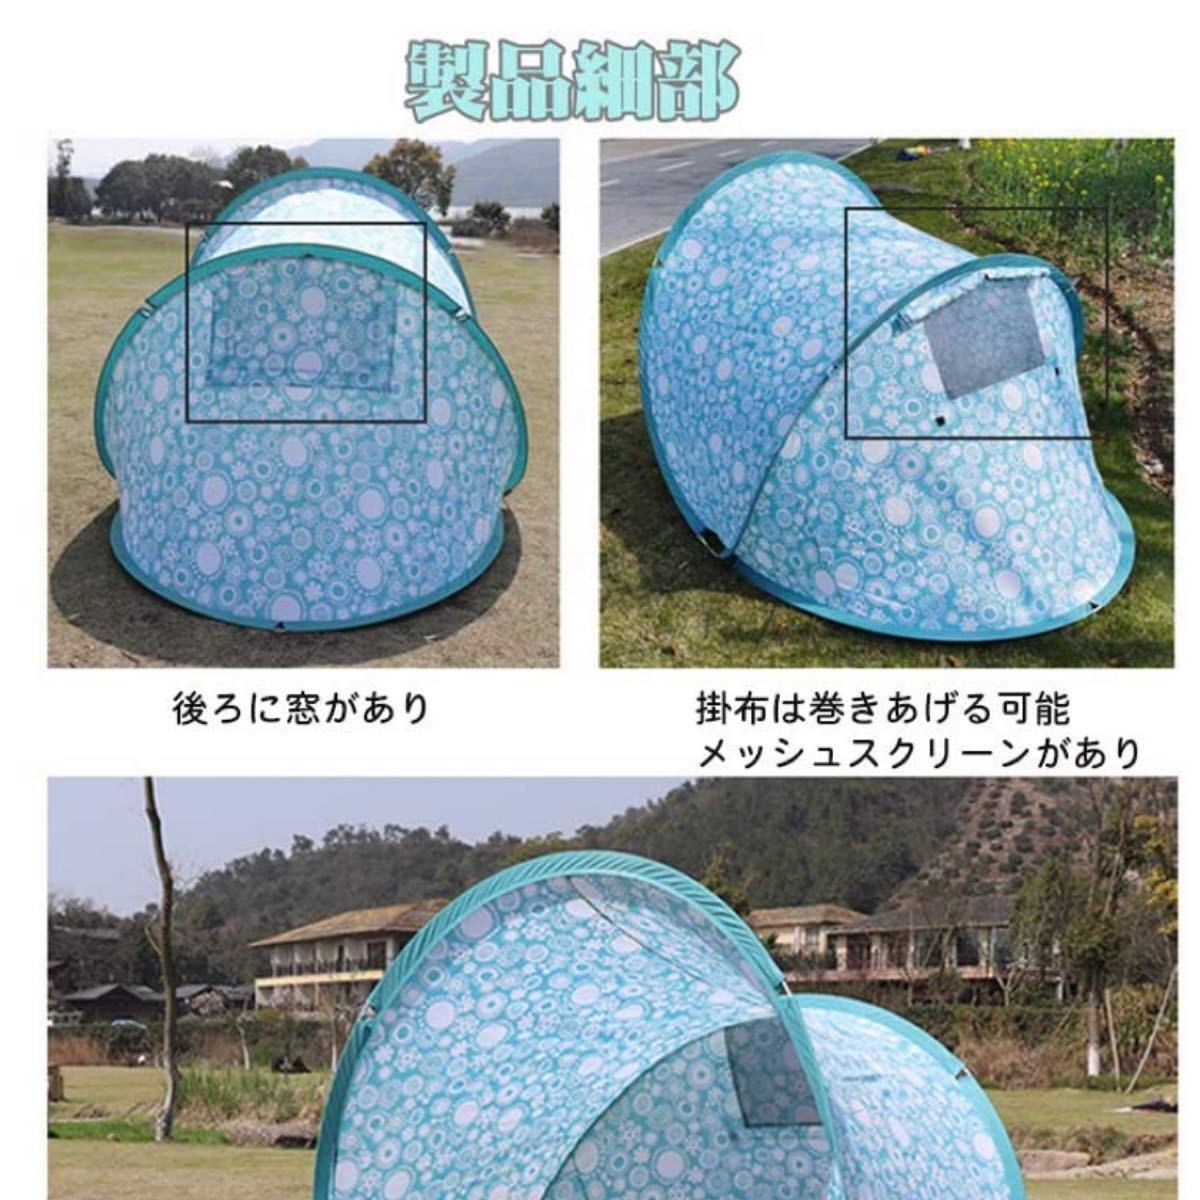 テント ワンタッチテント サンシェードテント ポップアップビーチテント